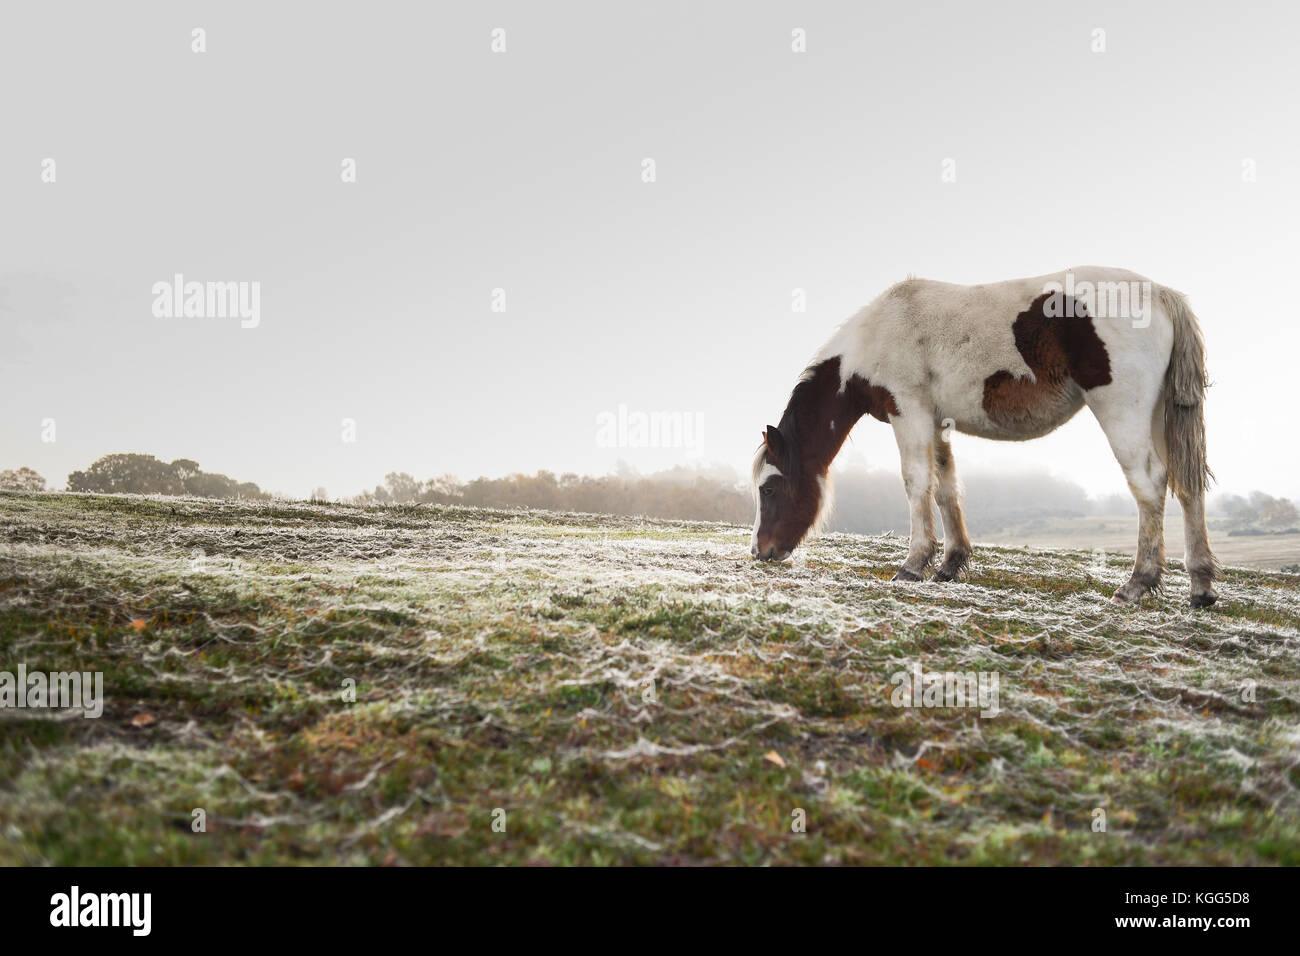 Un solo pastoreo caballo blanco y marrón, temprano en la mañana en un día con niebla cubierto de Imagen De Stock